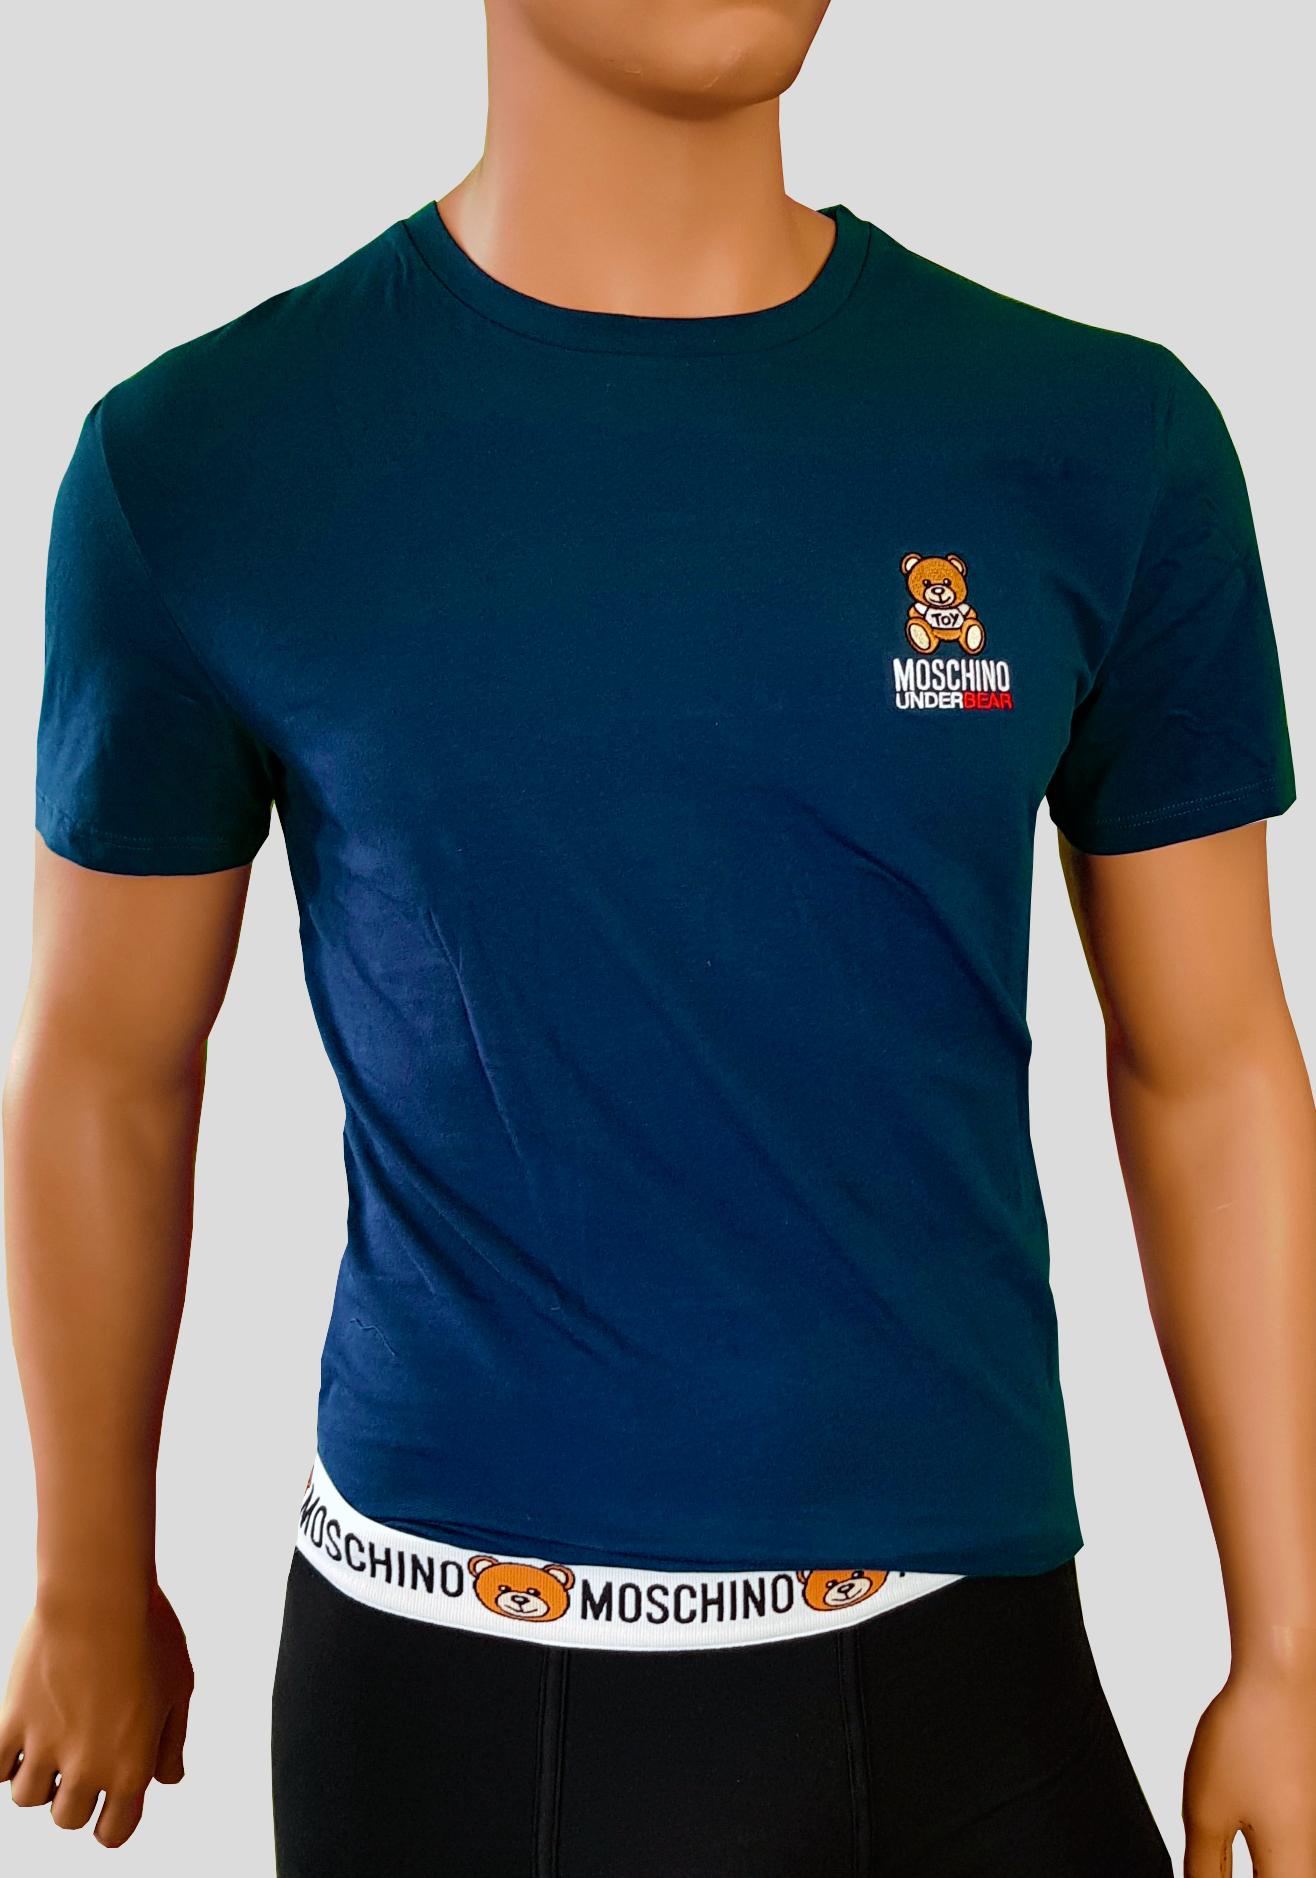 Moschino A 1905 blue XL T-Shirt